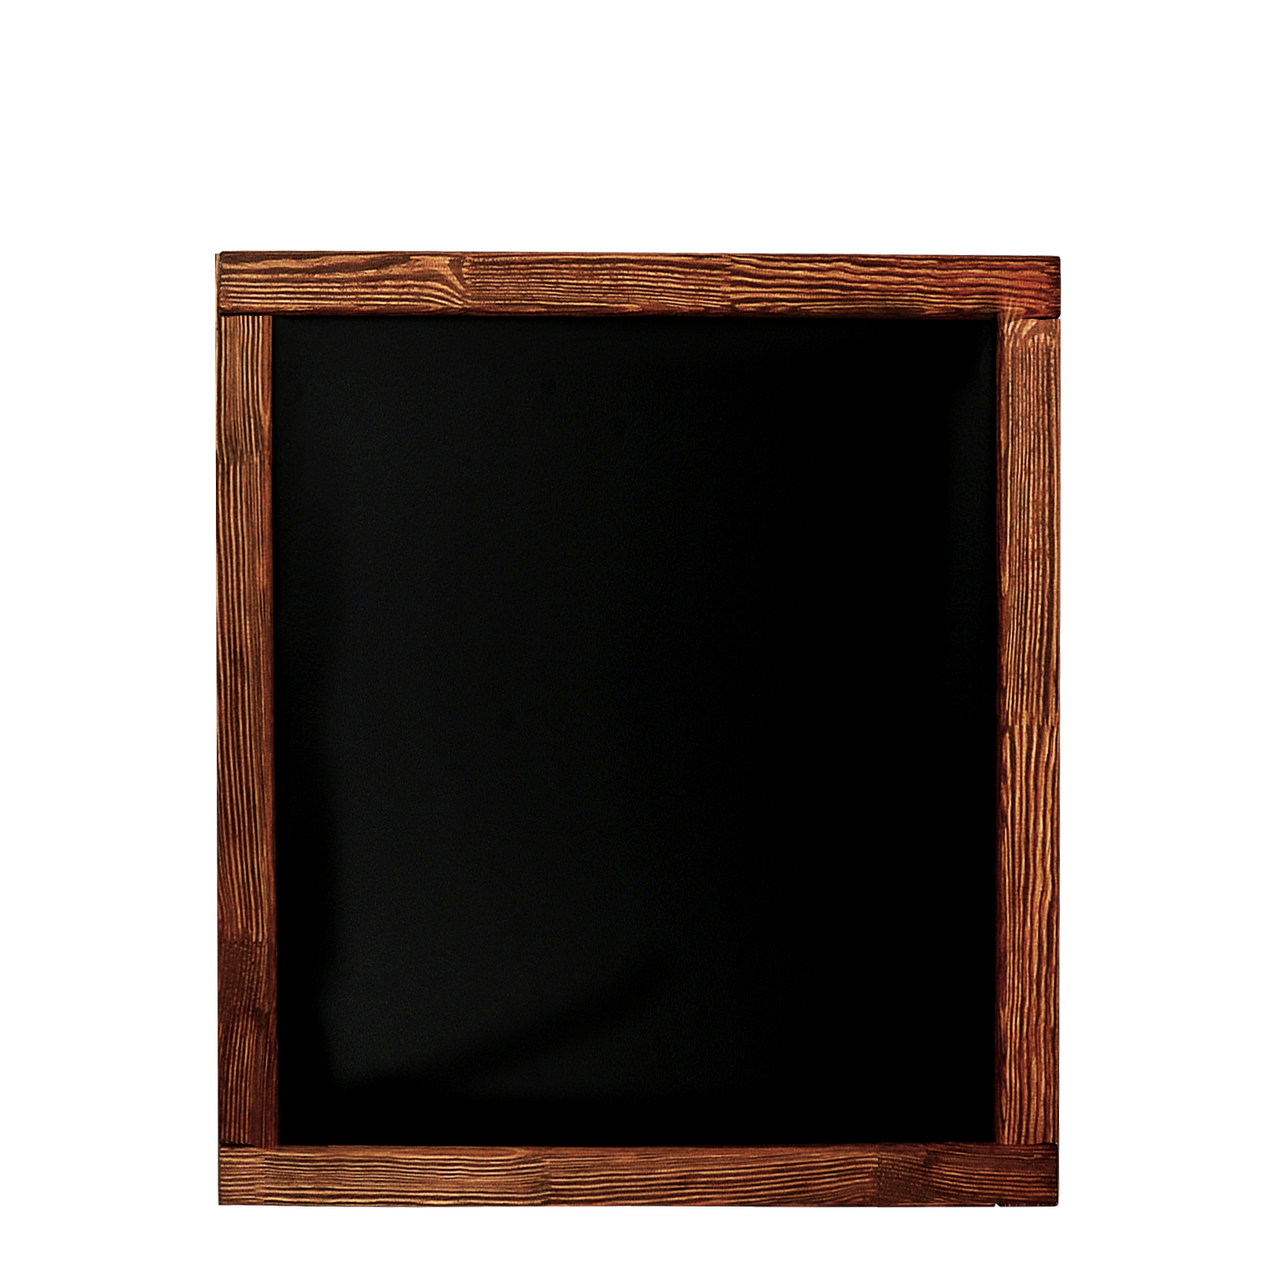 Доска меловая (в рамке декор) 600*500 ПХ